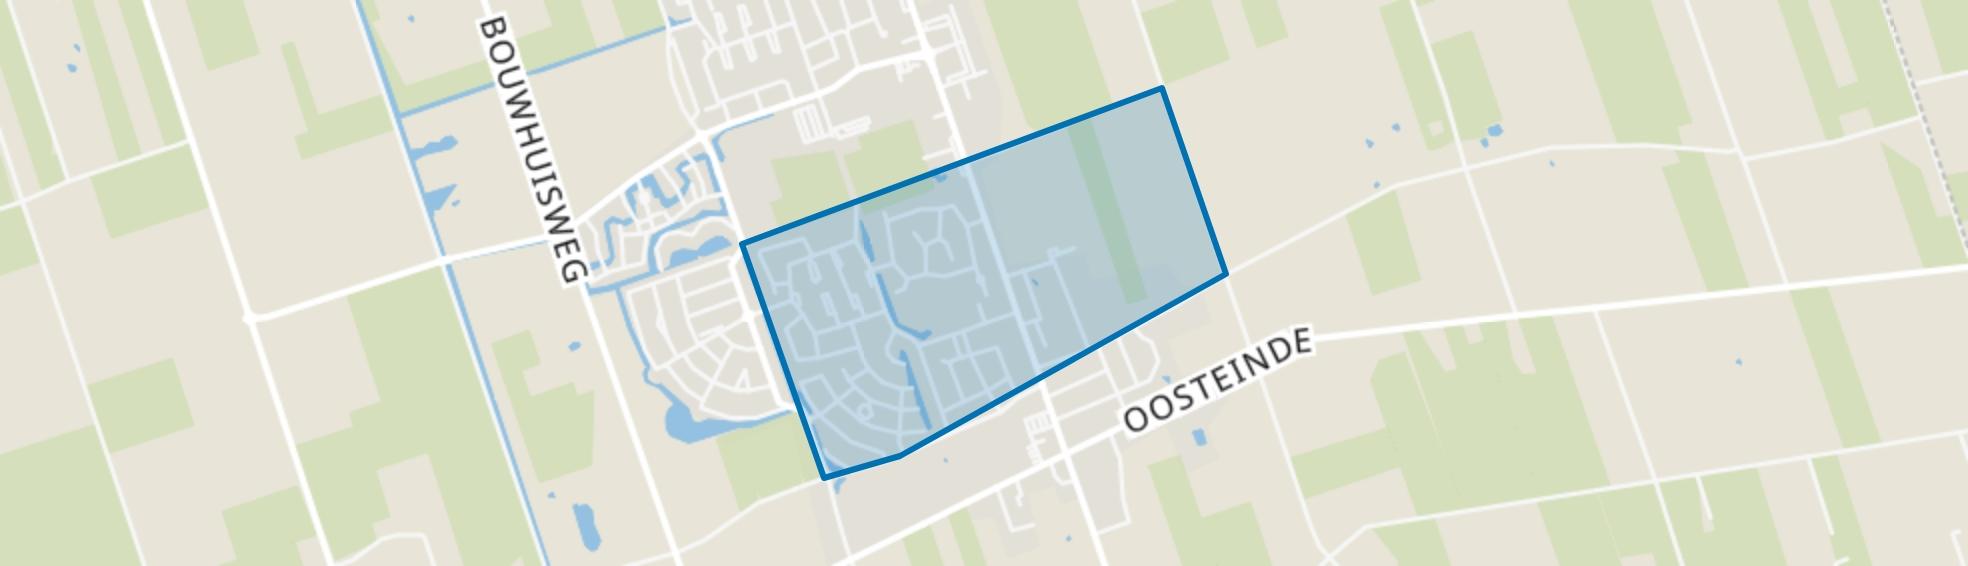 Nieuwleusen Centrum-zuid, Nieuwleusen map